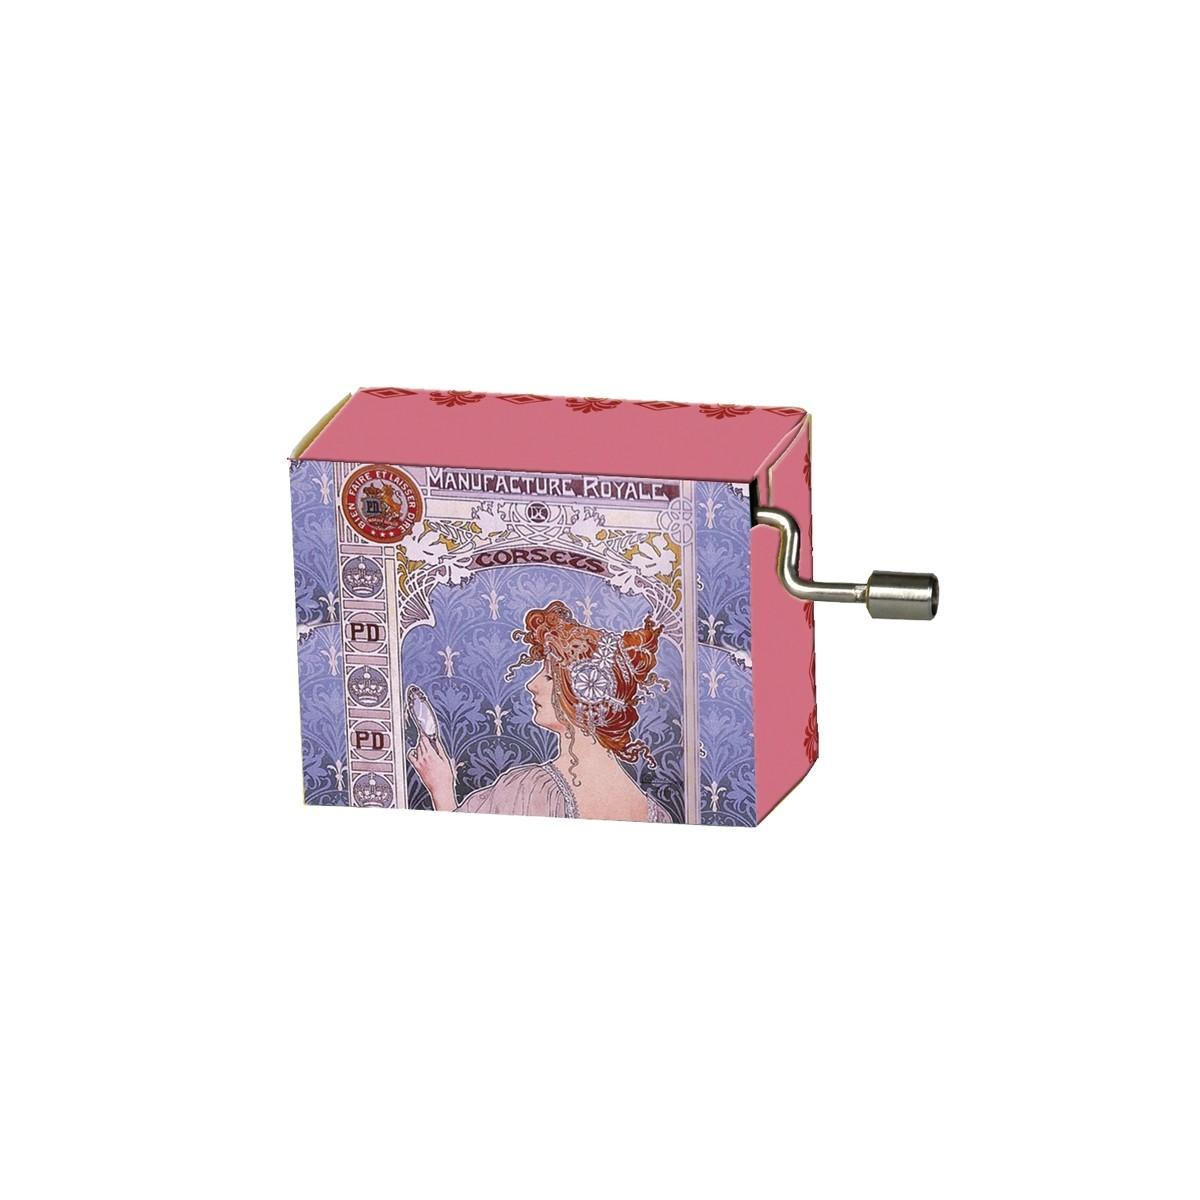 Serinette La Vie en Rose motifs Manufacture Royale